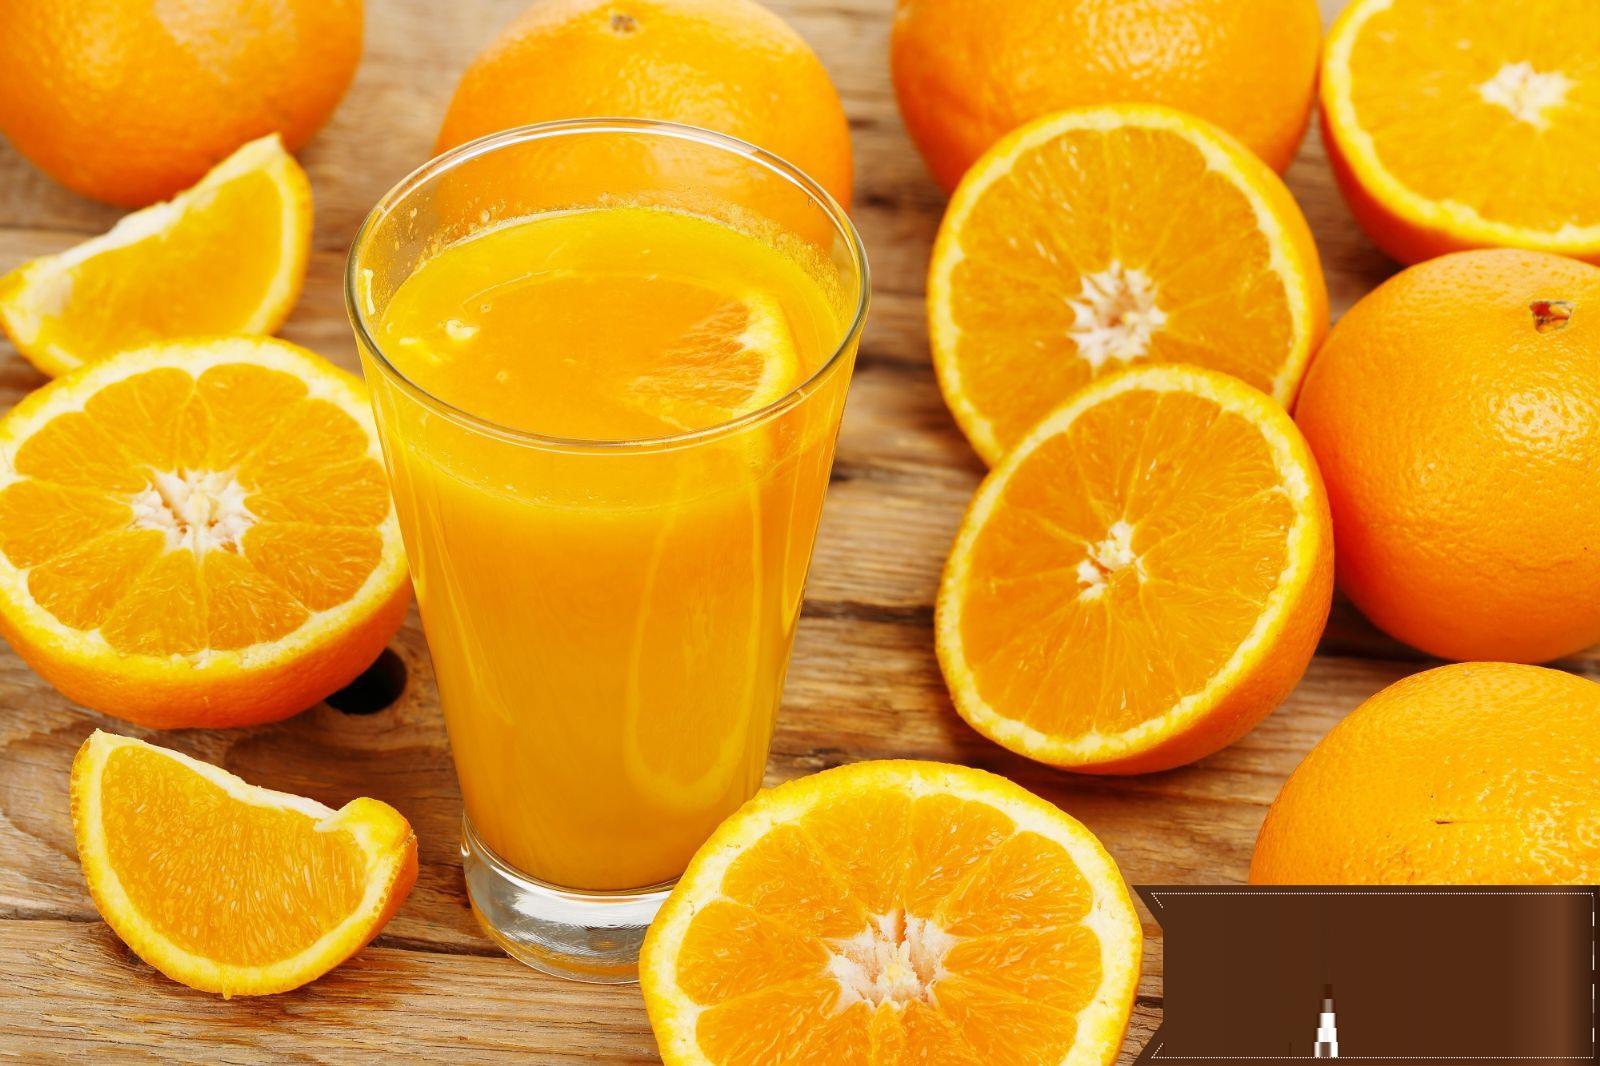 người bệnh khớp nên uống nước cam, nước cam, bệnh khớp nên uống nước cam